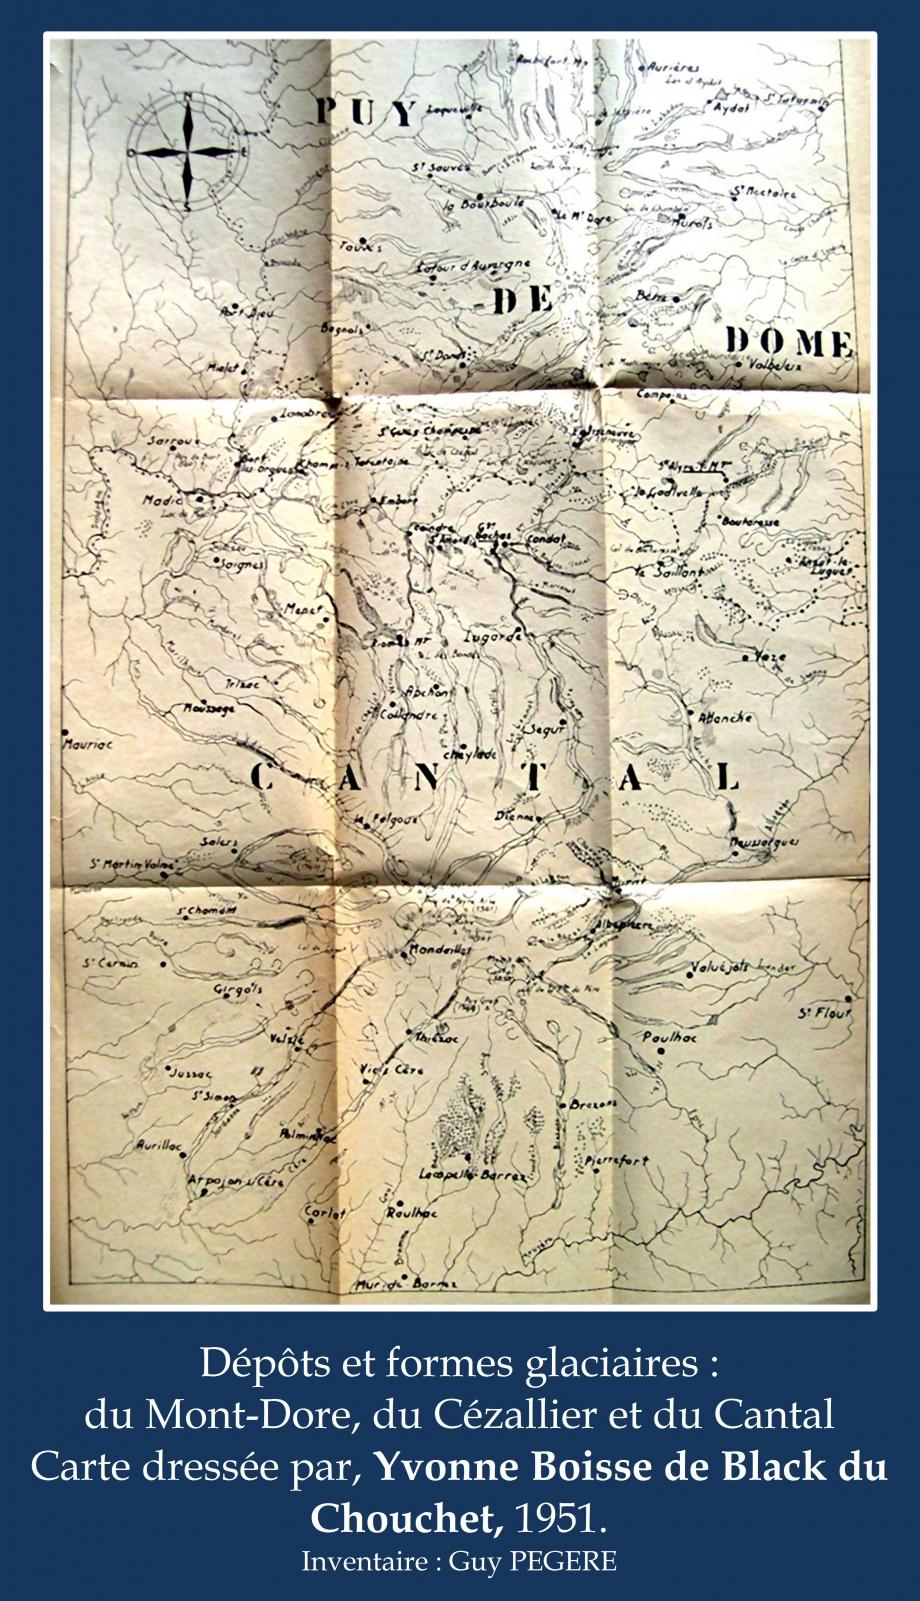 Carte dressée par Yvonne Boisse de Black du Chouchet 1951 sur les dépôts glaciaires  inventaire Guy PEGERE.jpg